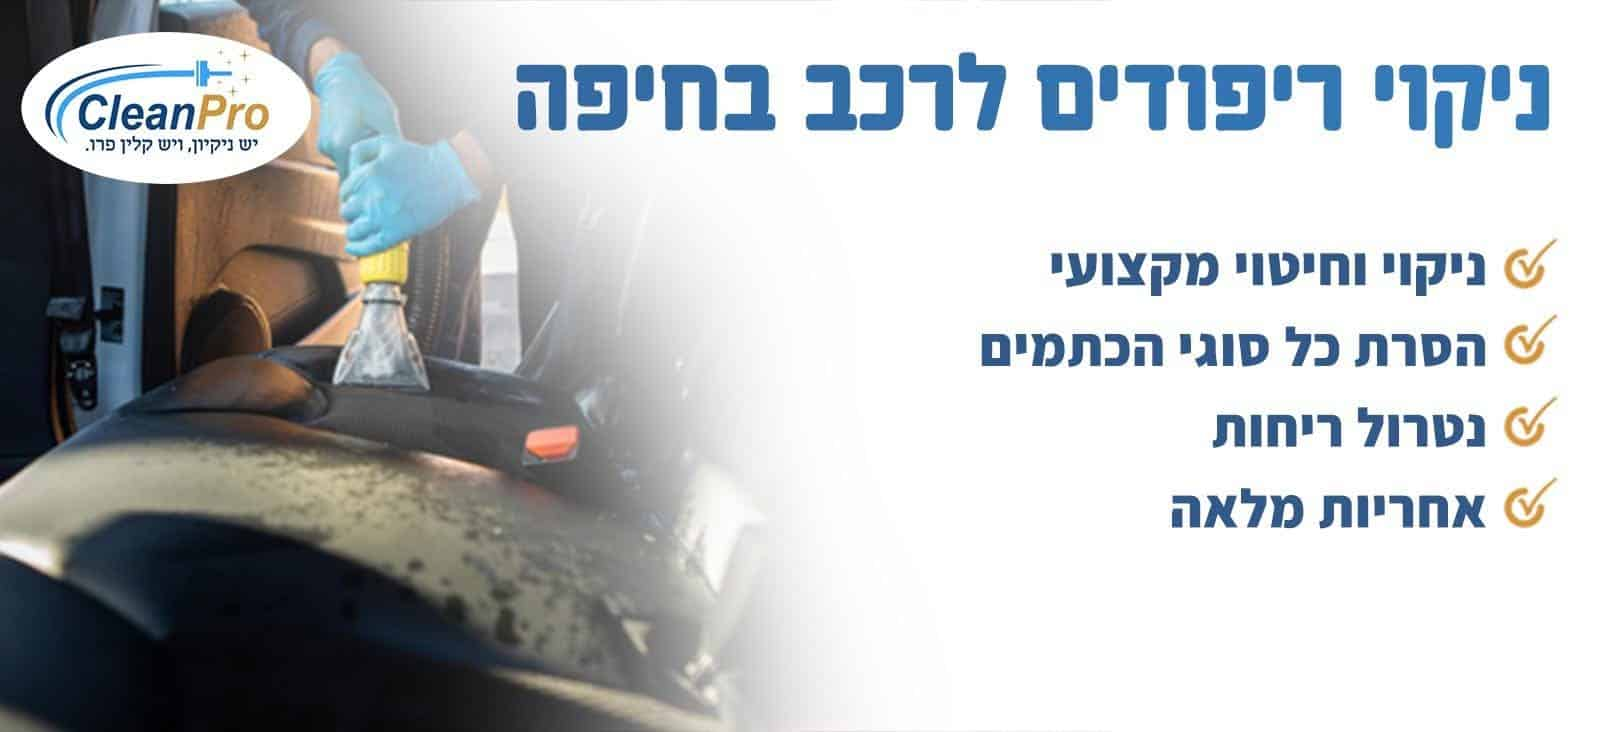 ניקוי מושבים לרכב בחיפה